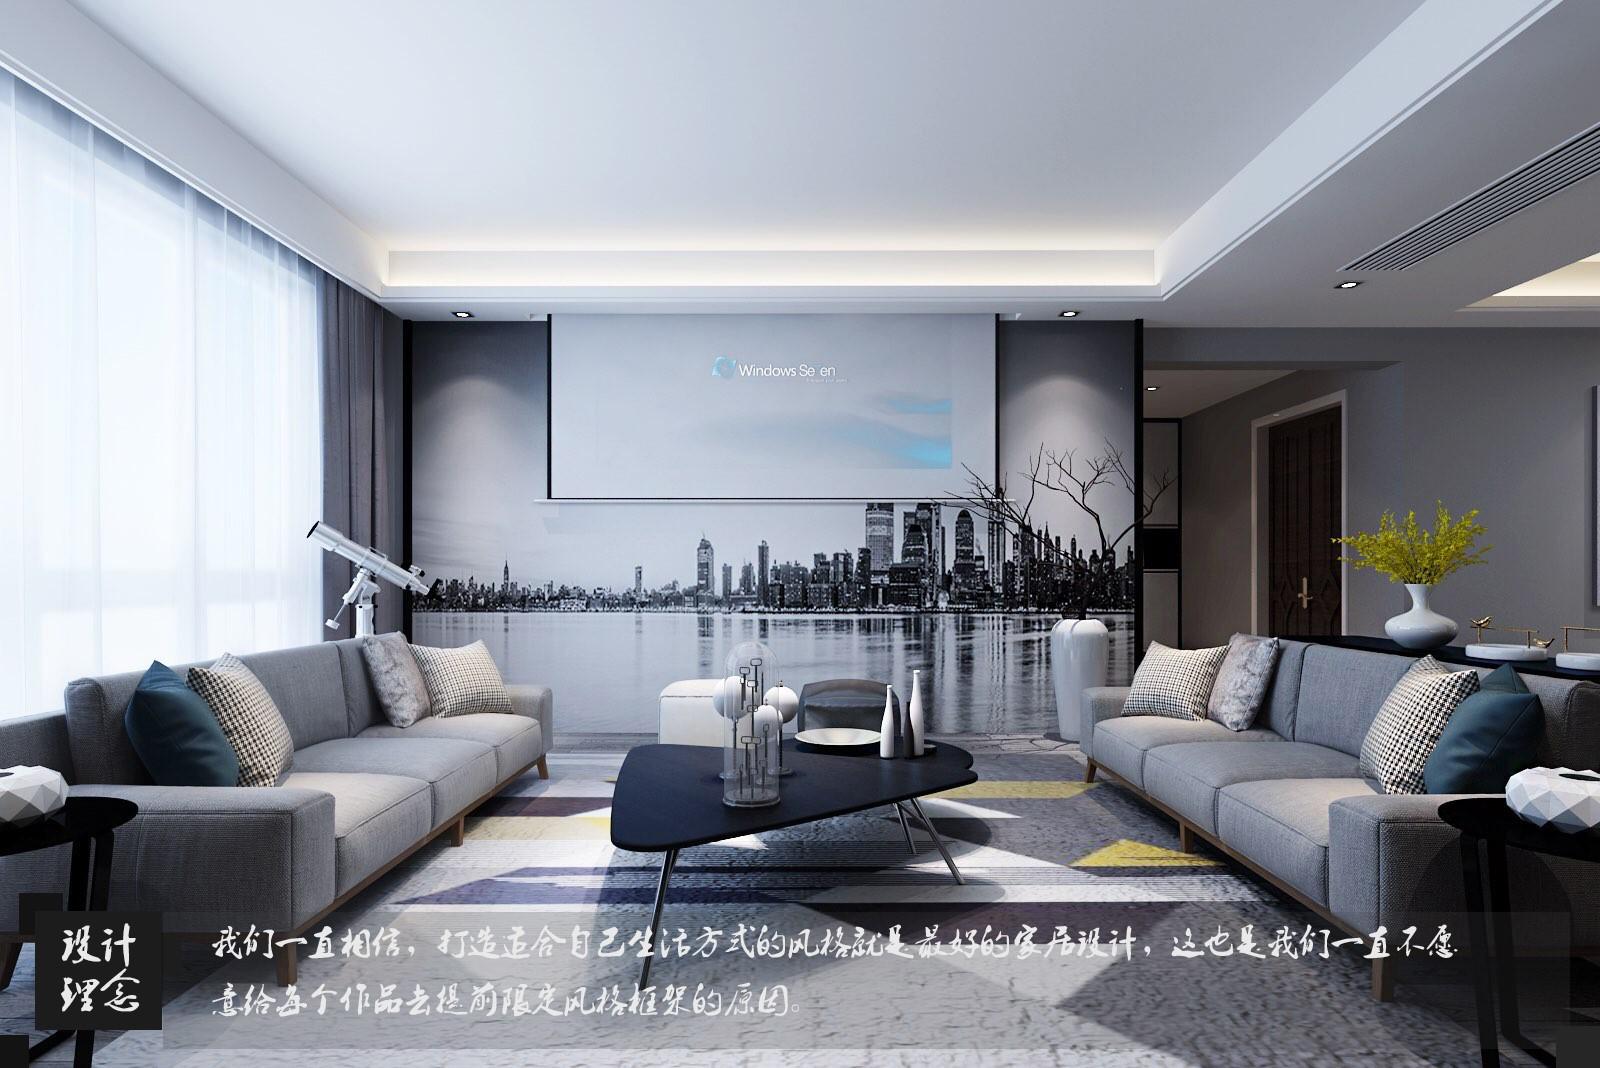 德景园 / 现代简约风格 / 127平米装修案例